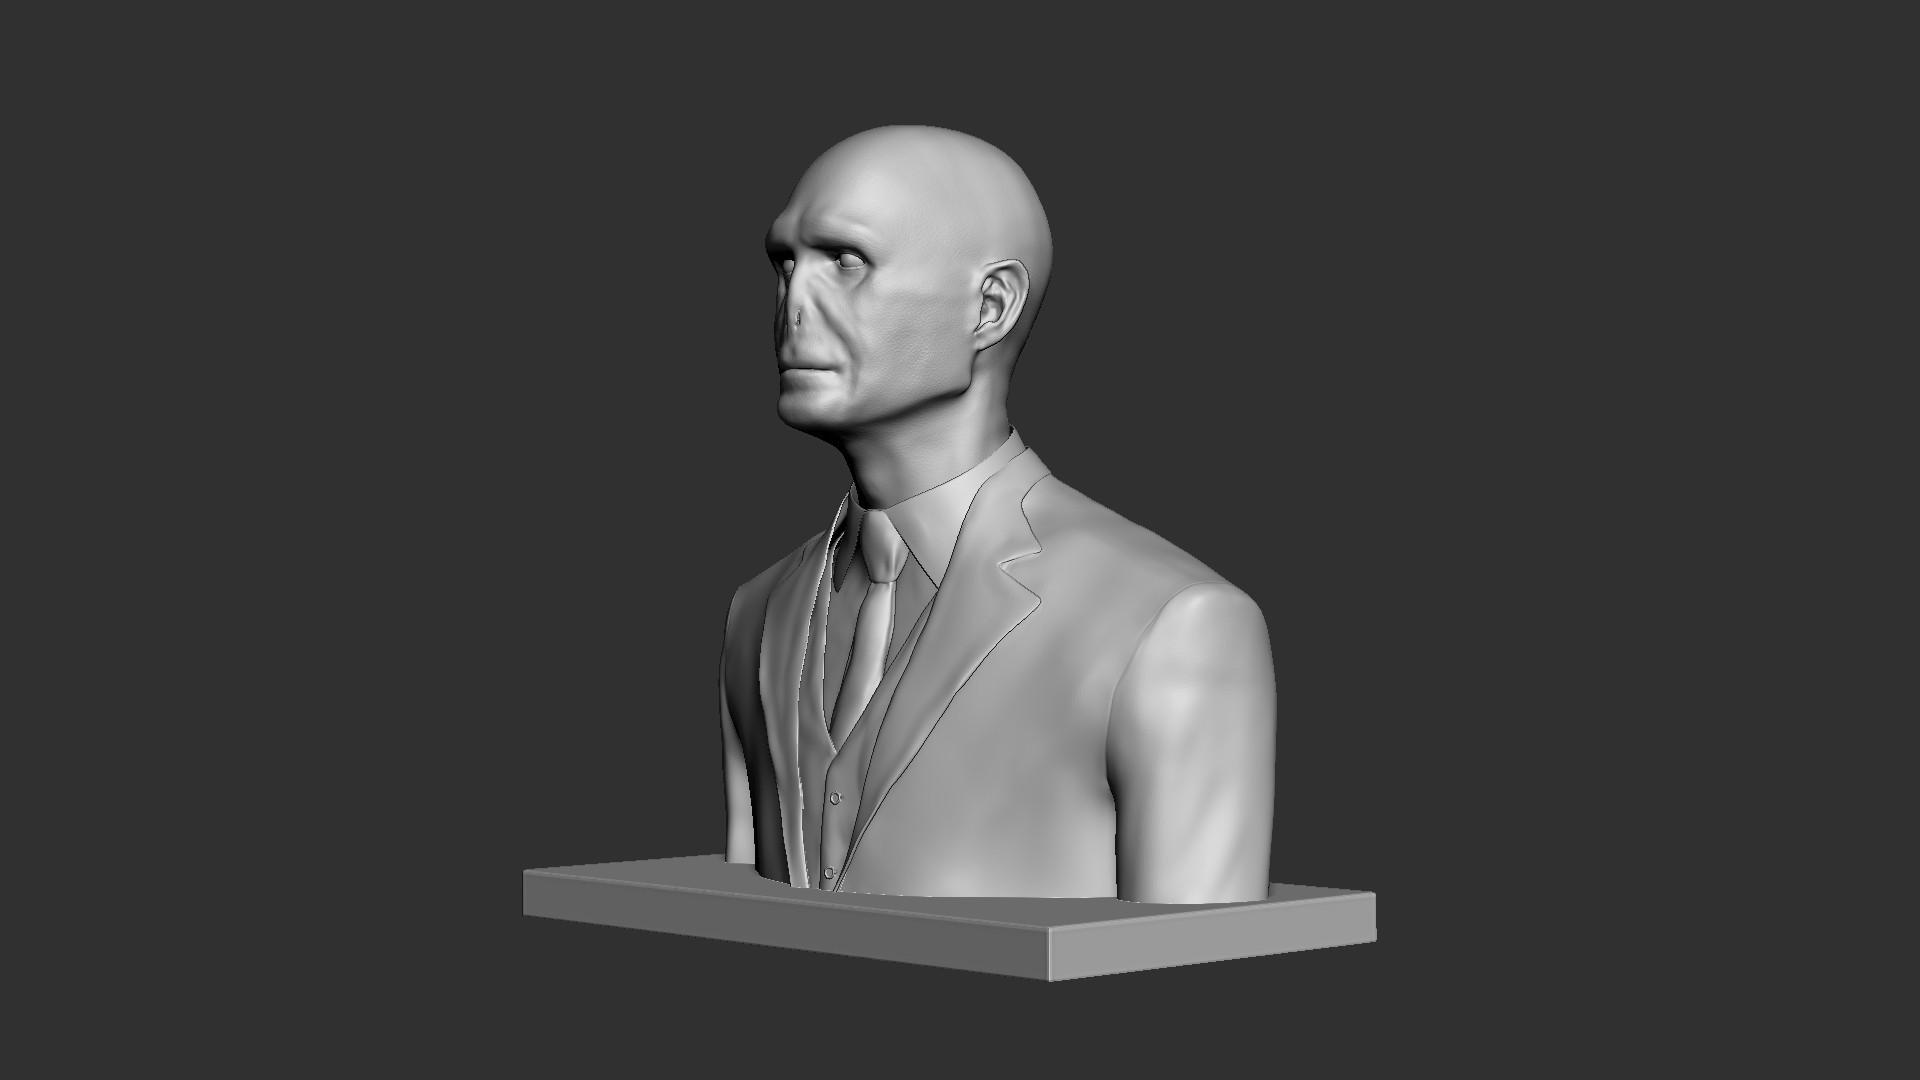 Voldemort_04.jpg Download OBJ file Voldemort Bust • 3D printing model, Ben_M